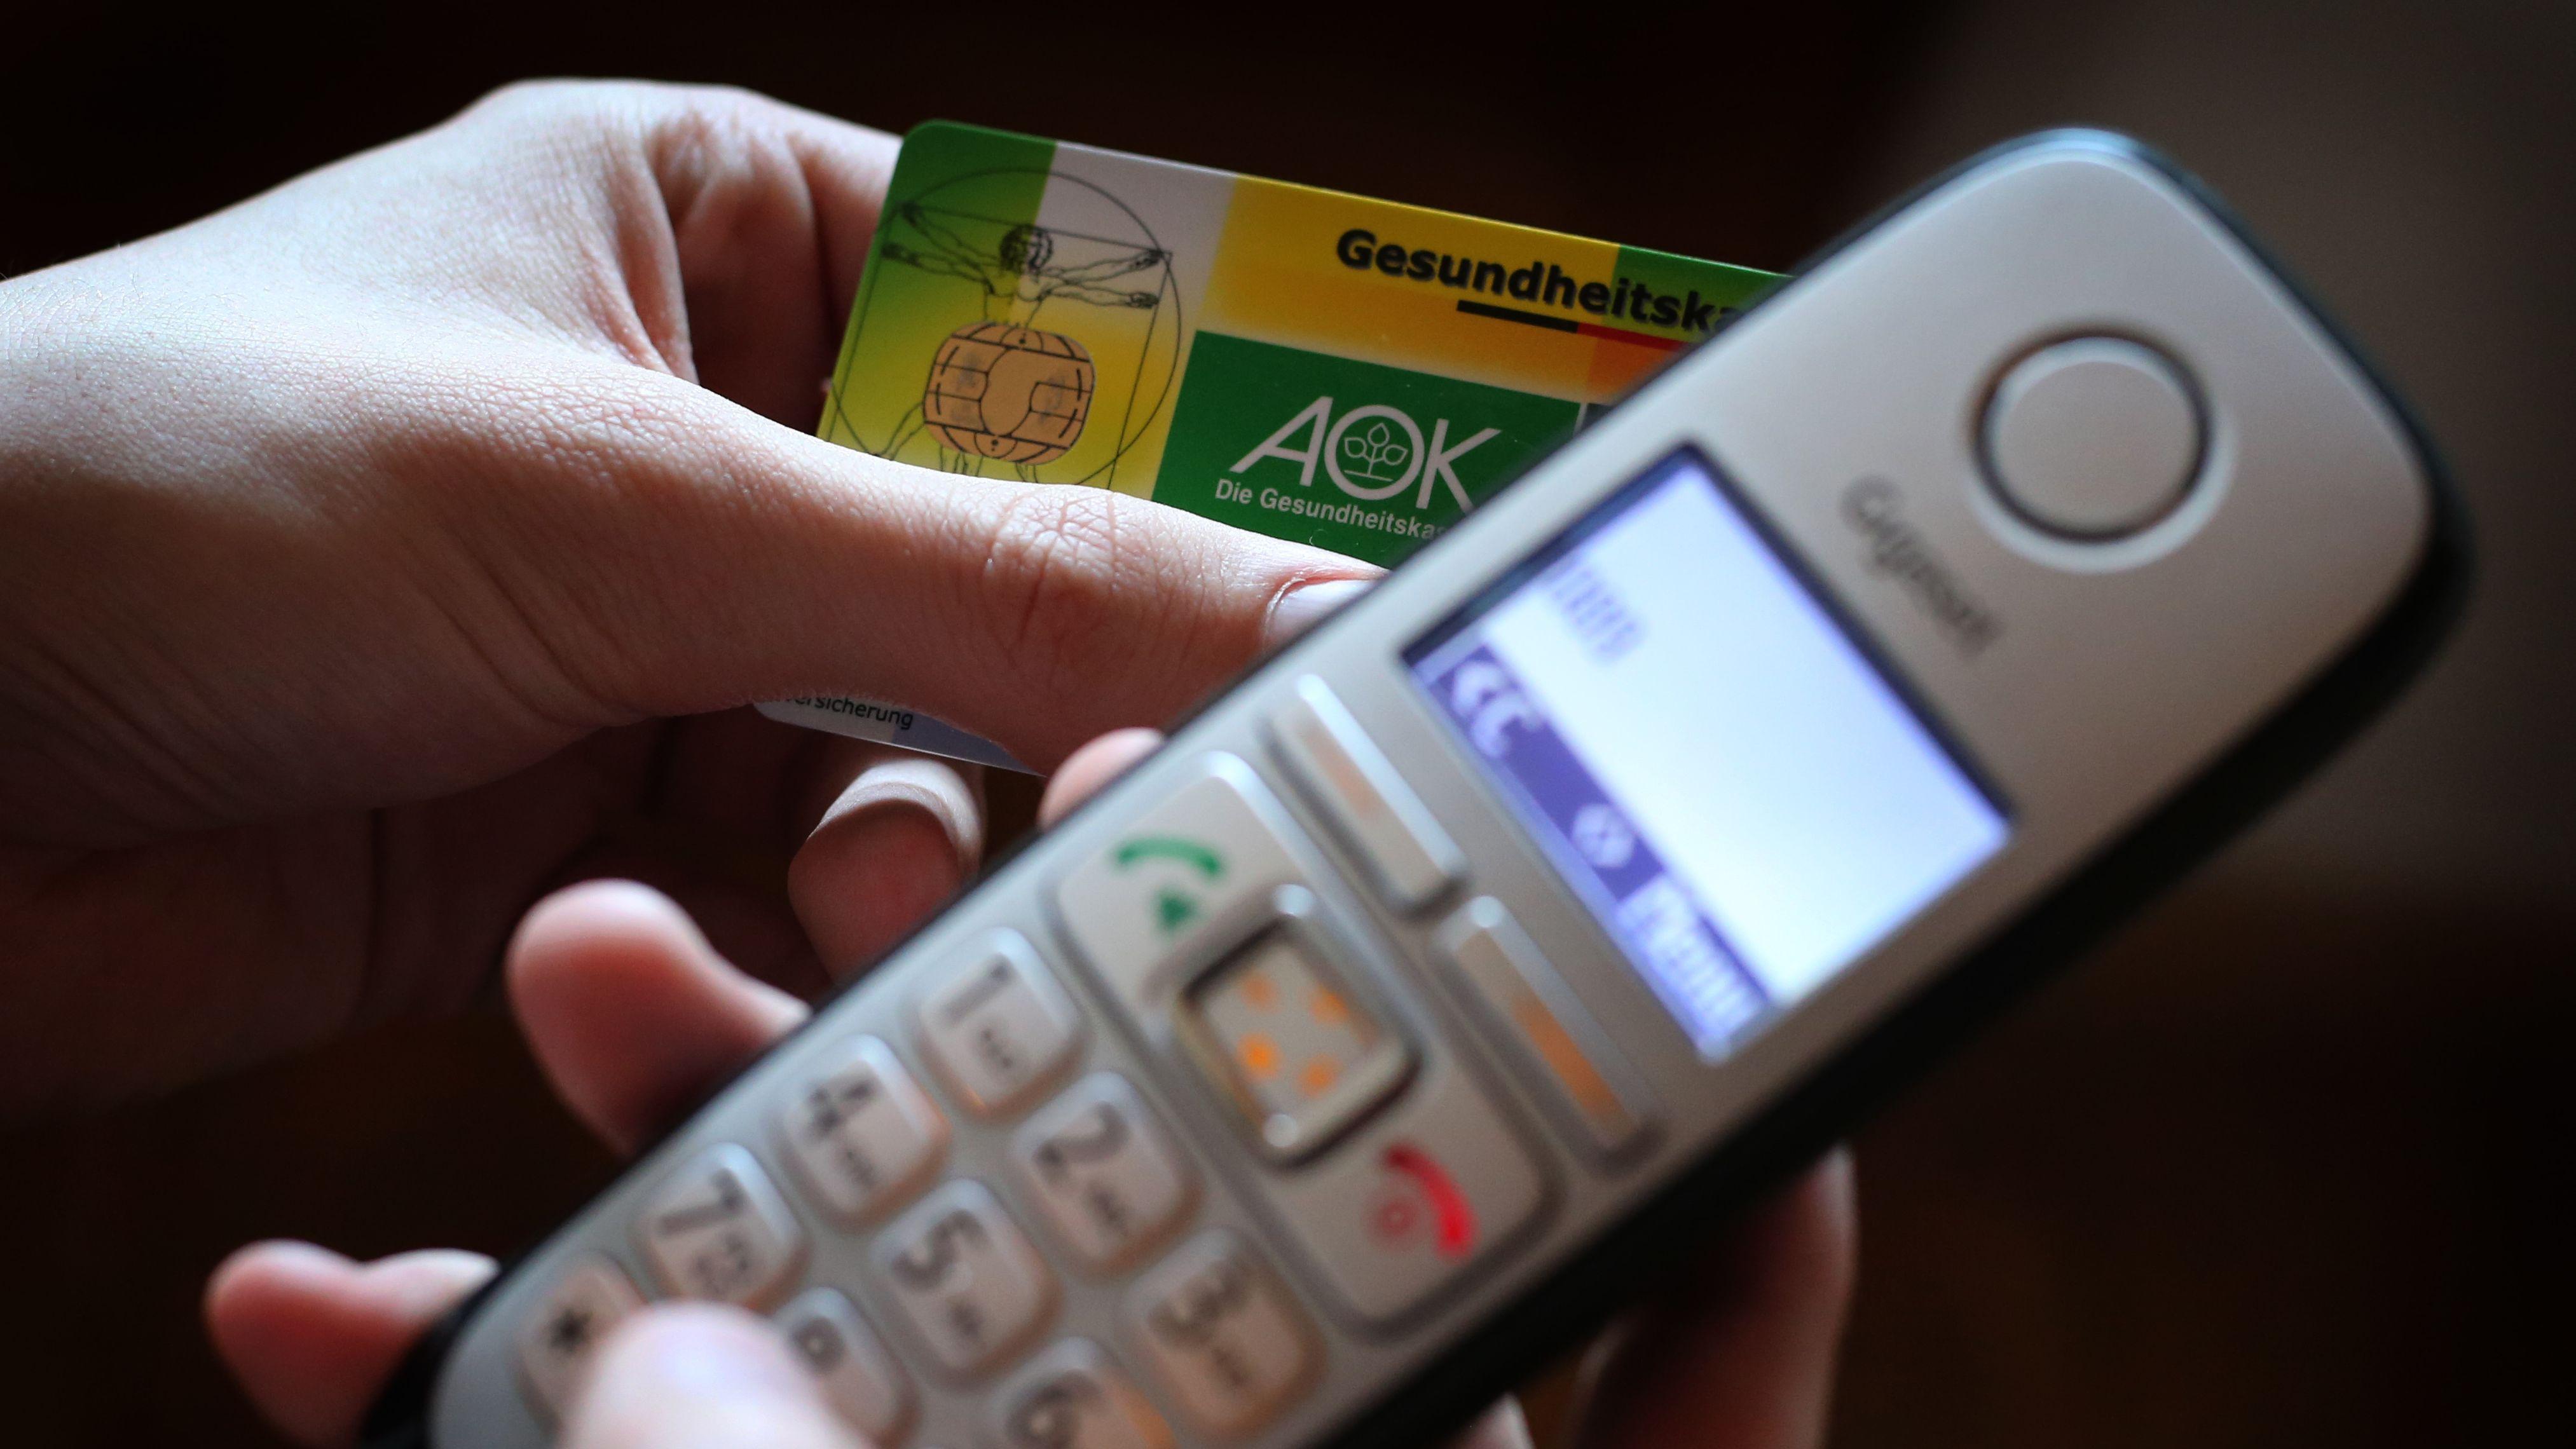 Menschen in Deutschland dürfen sich bei leichten Atemwegserkrankungen nun zwei Wochen am Telefon krankschreiben lassen.